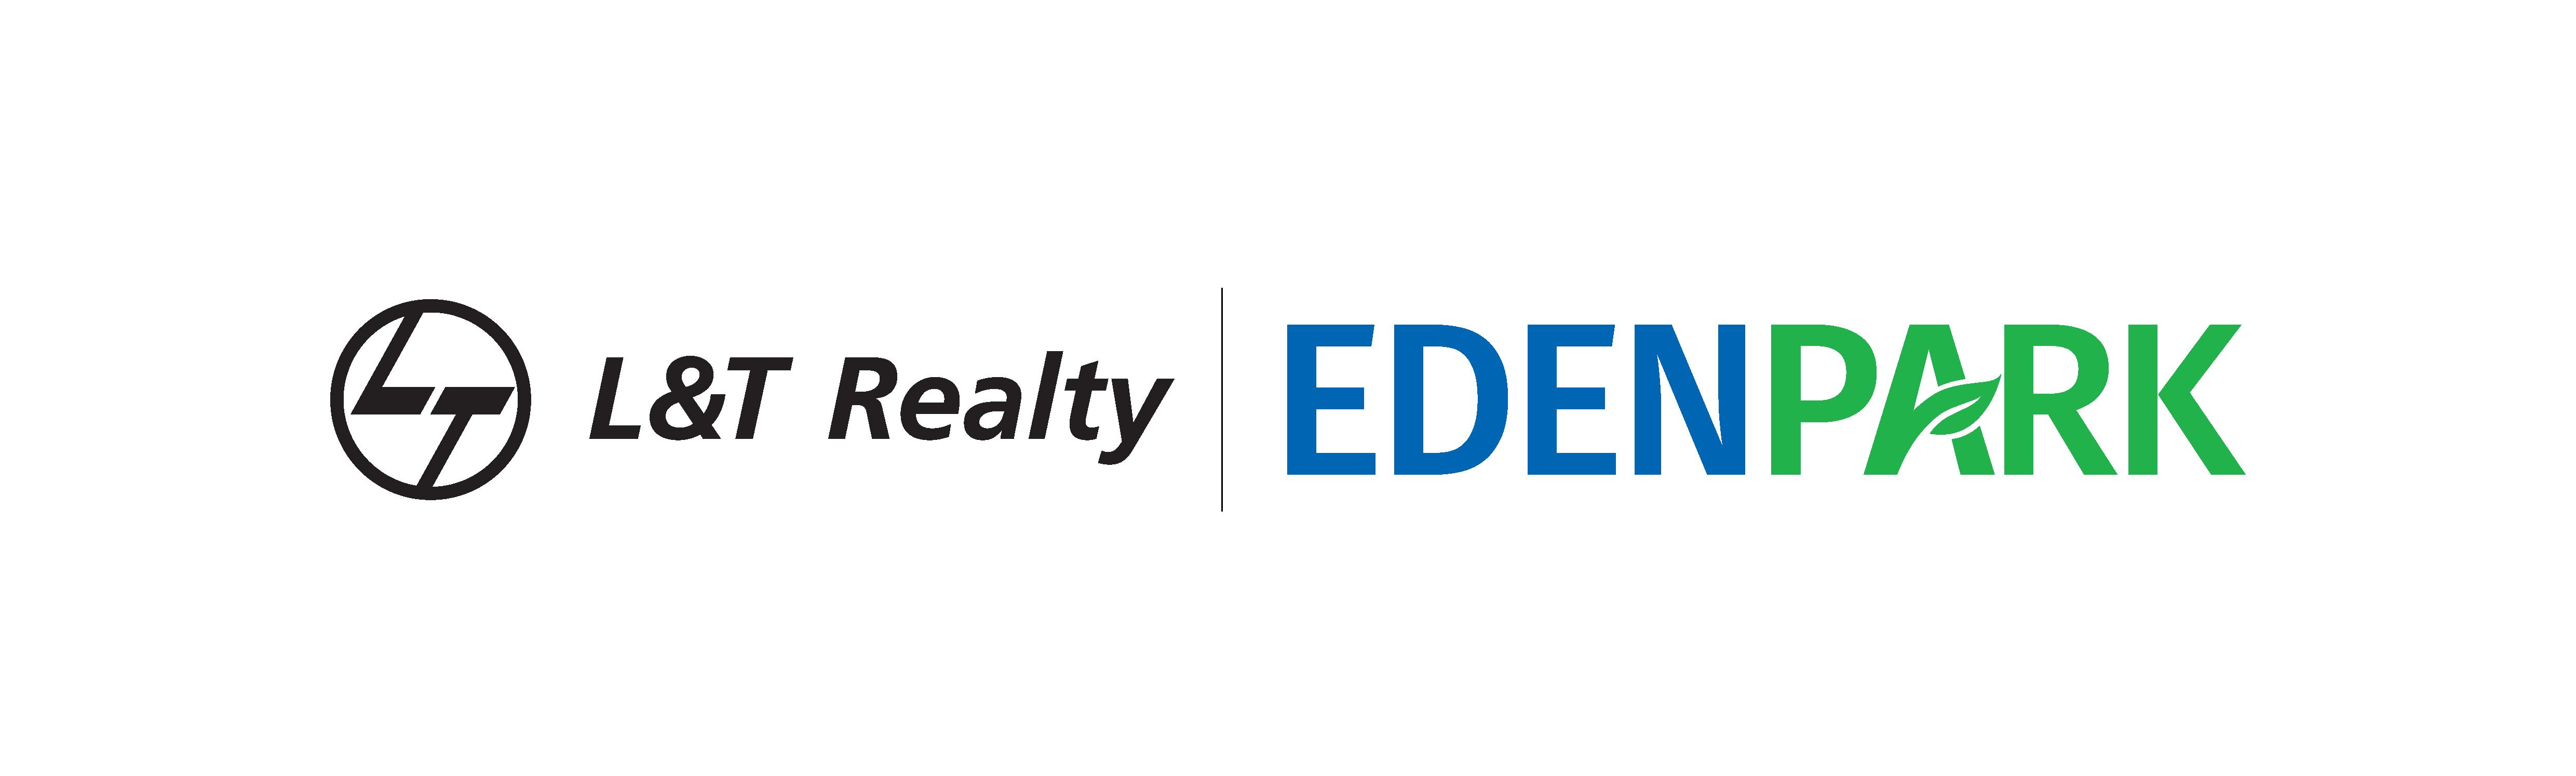 L & T Eden park - logo-02